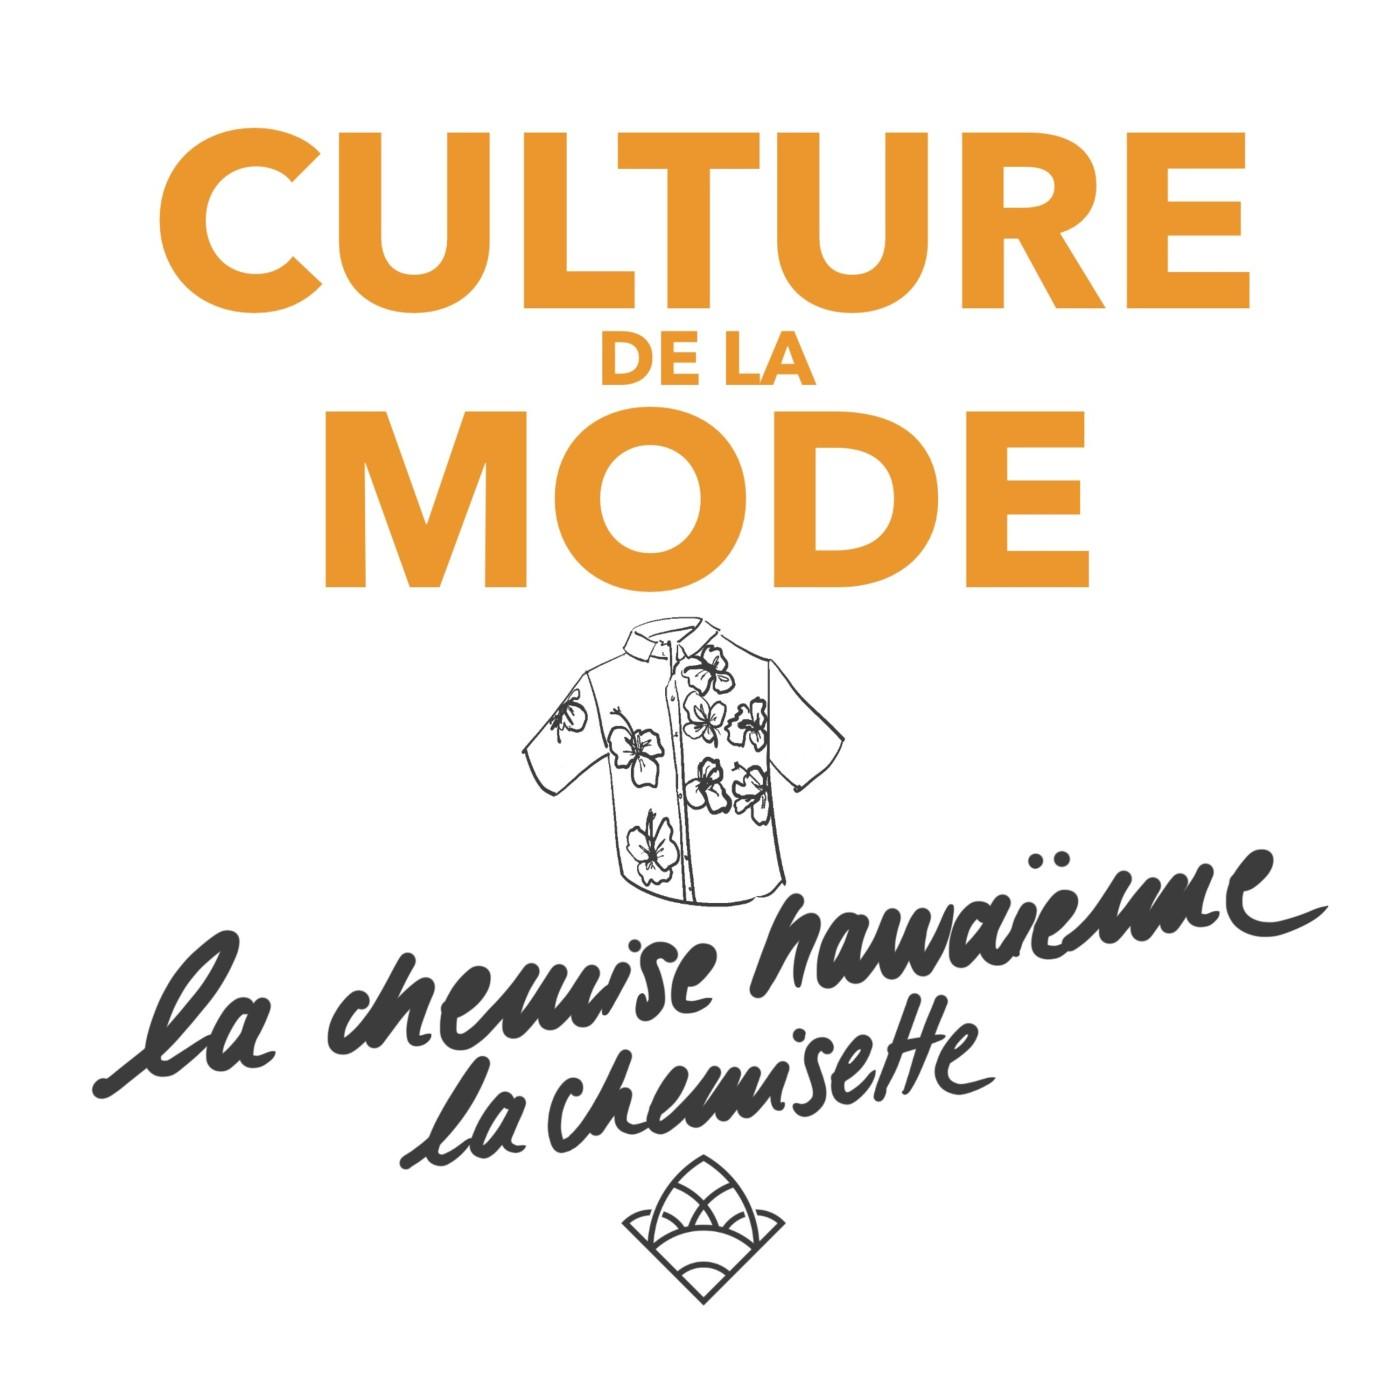 (culture de la mode #08 ) La chemise hawaïenne // chemisette